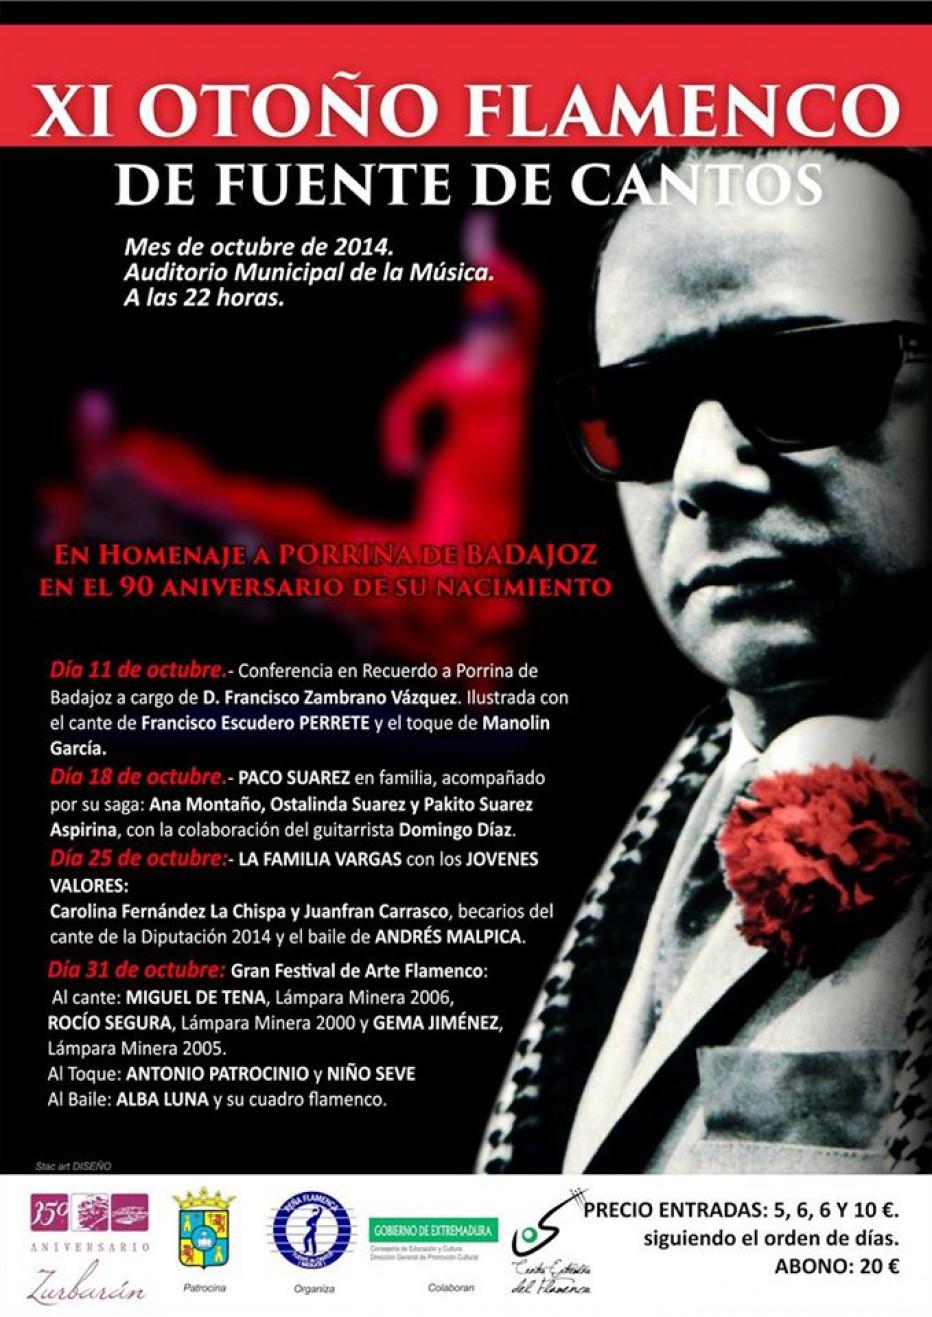 Otoño Flamenco en Fuente de Cantos